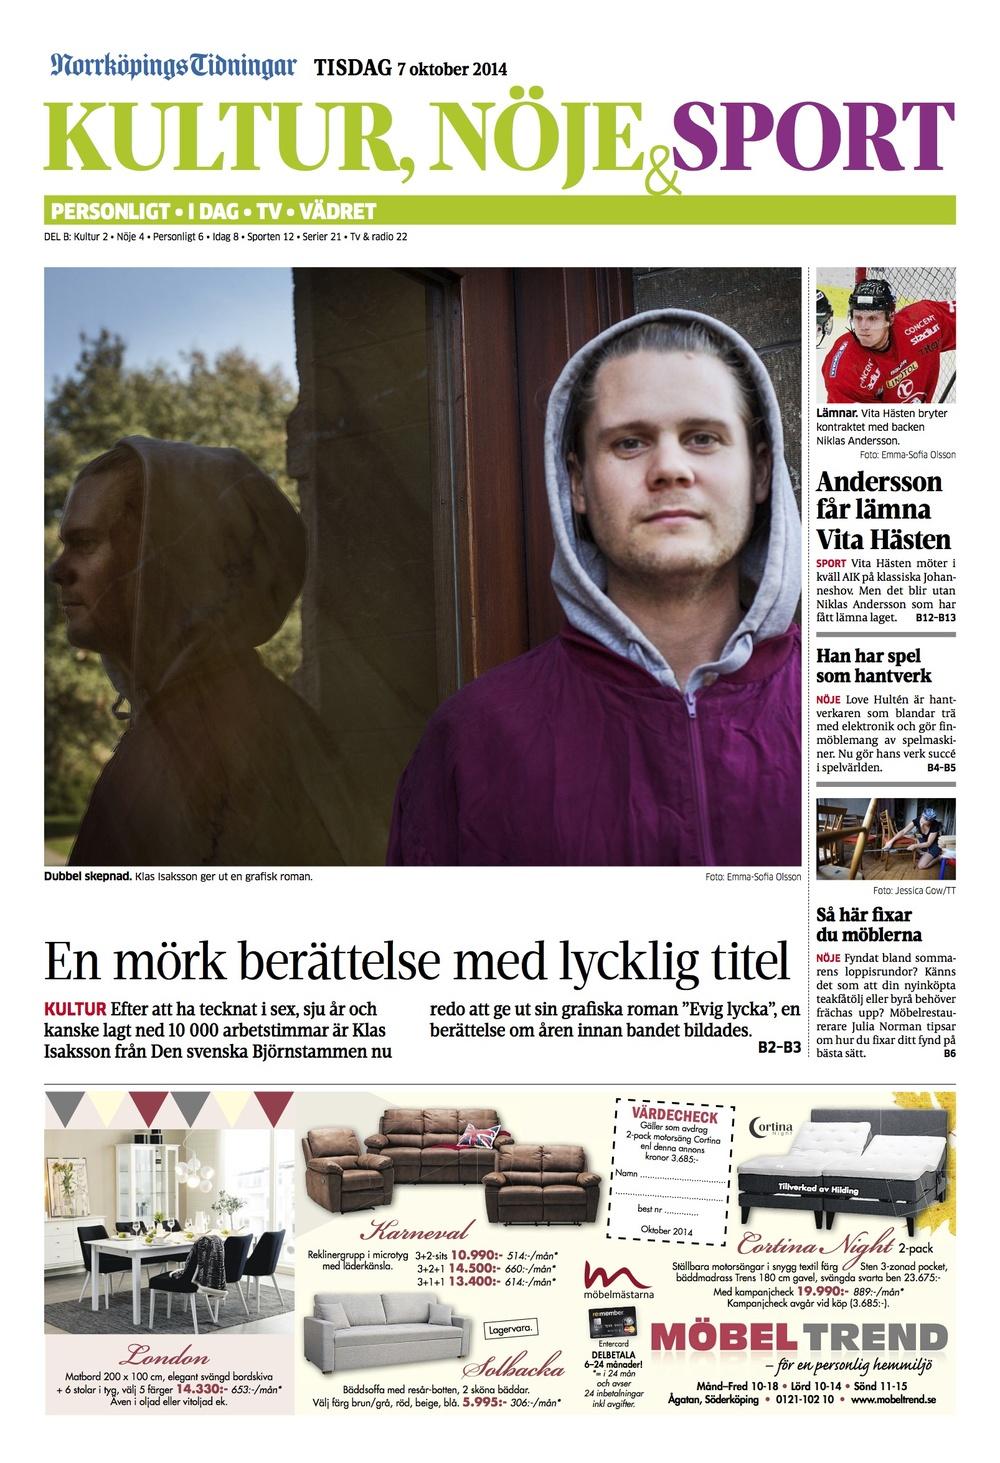 Klas Isaksson i Norrköping.jpg